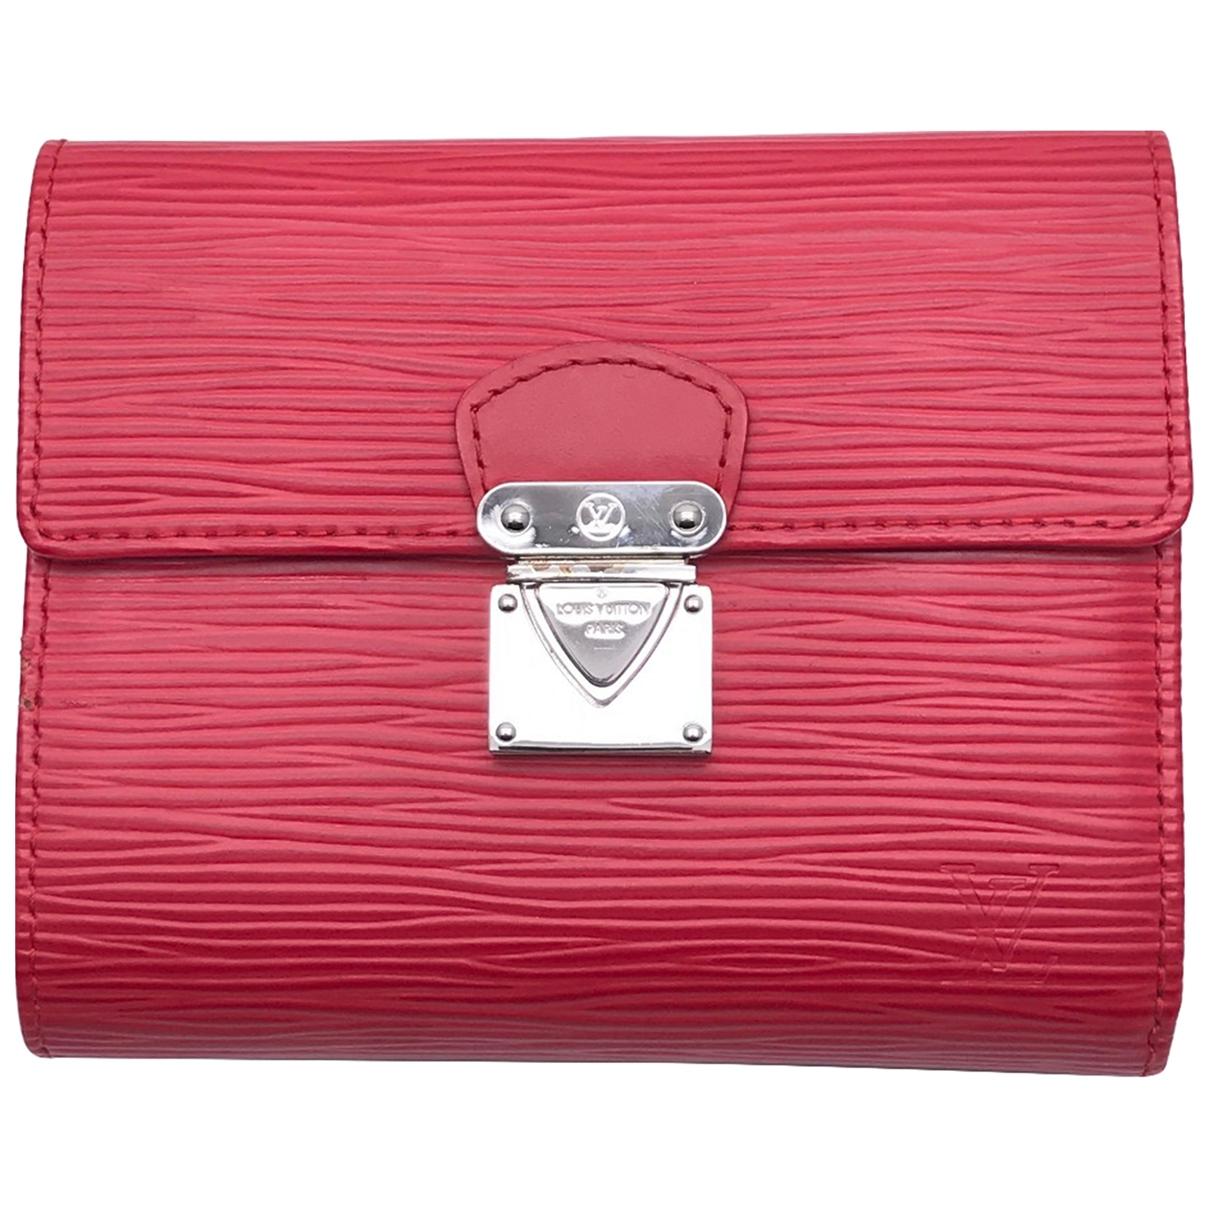 Louis Vuitton Koala Red Leather wallet for Women \N